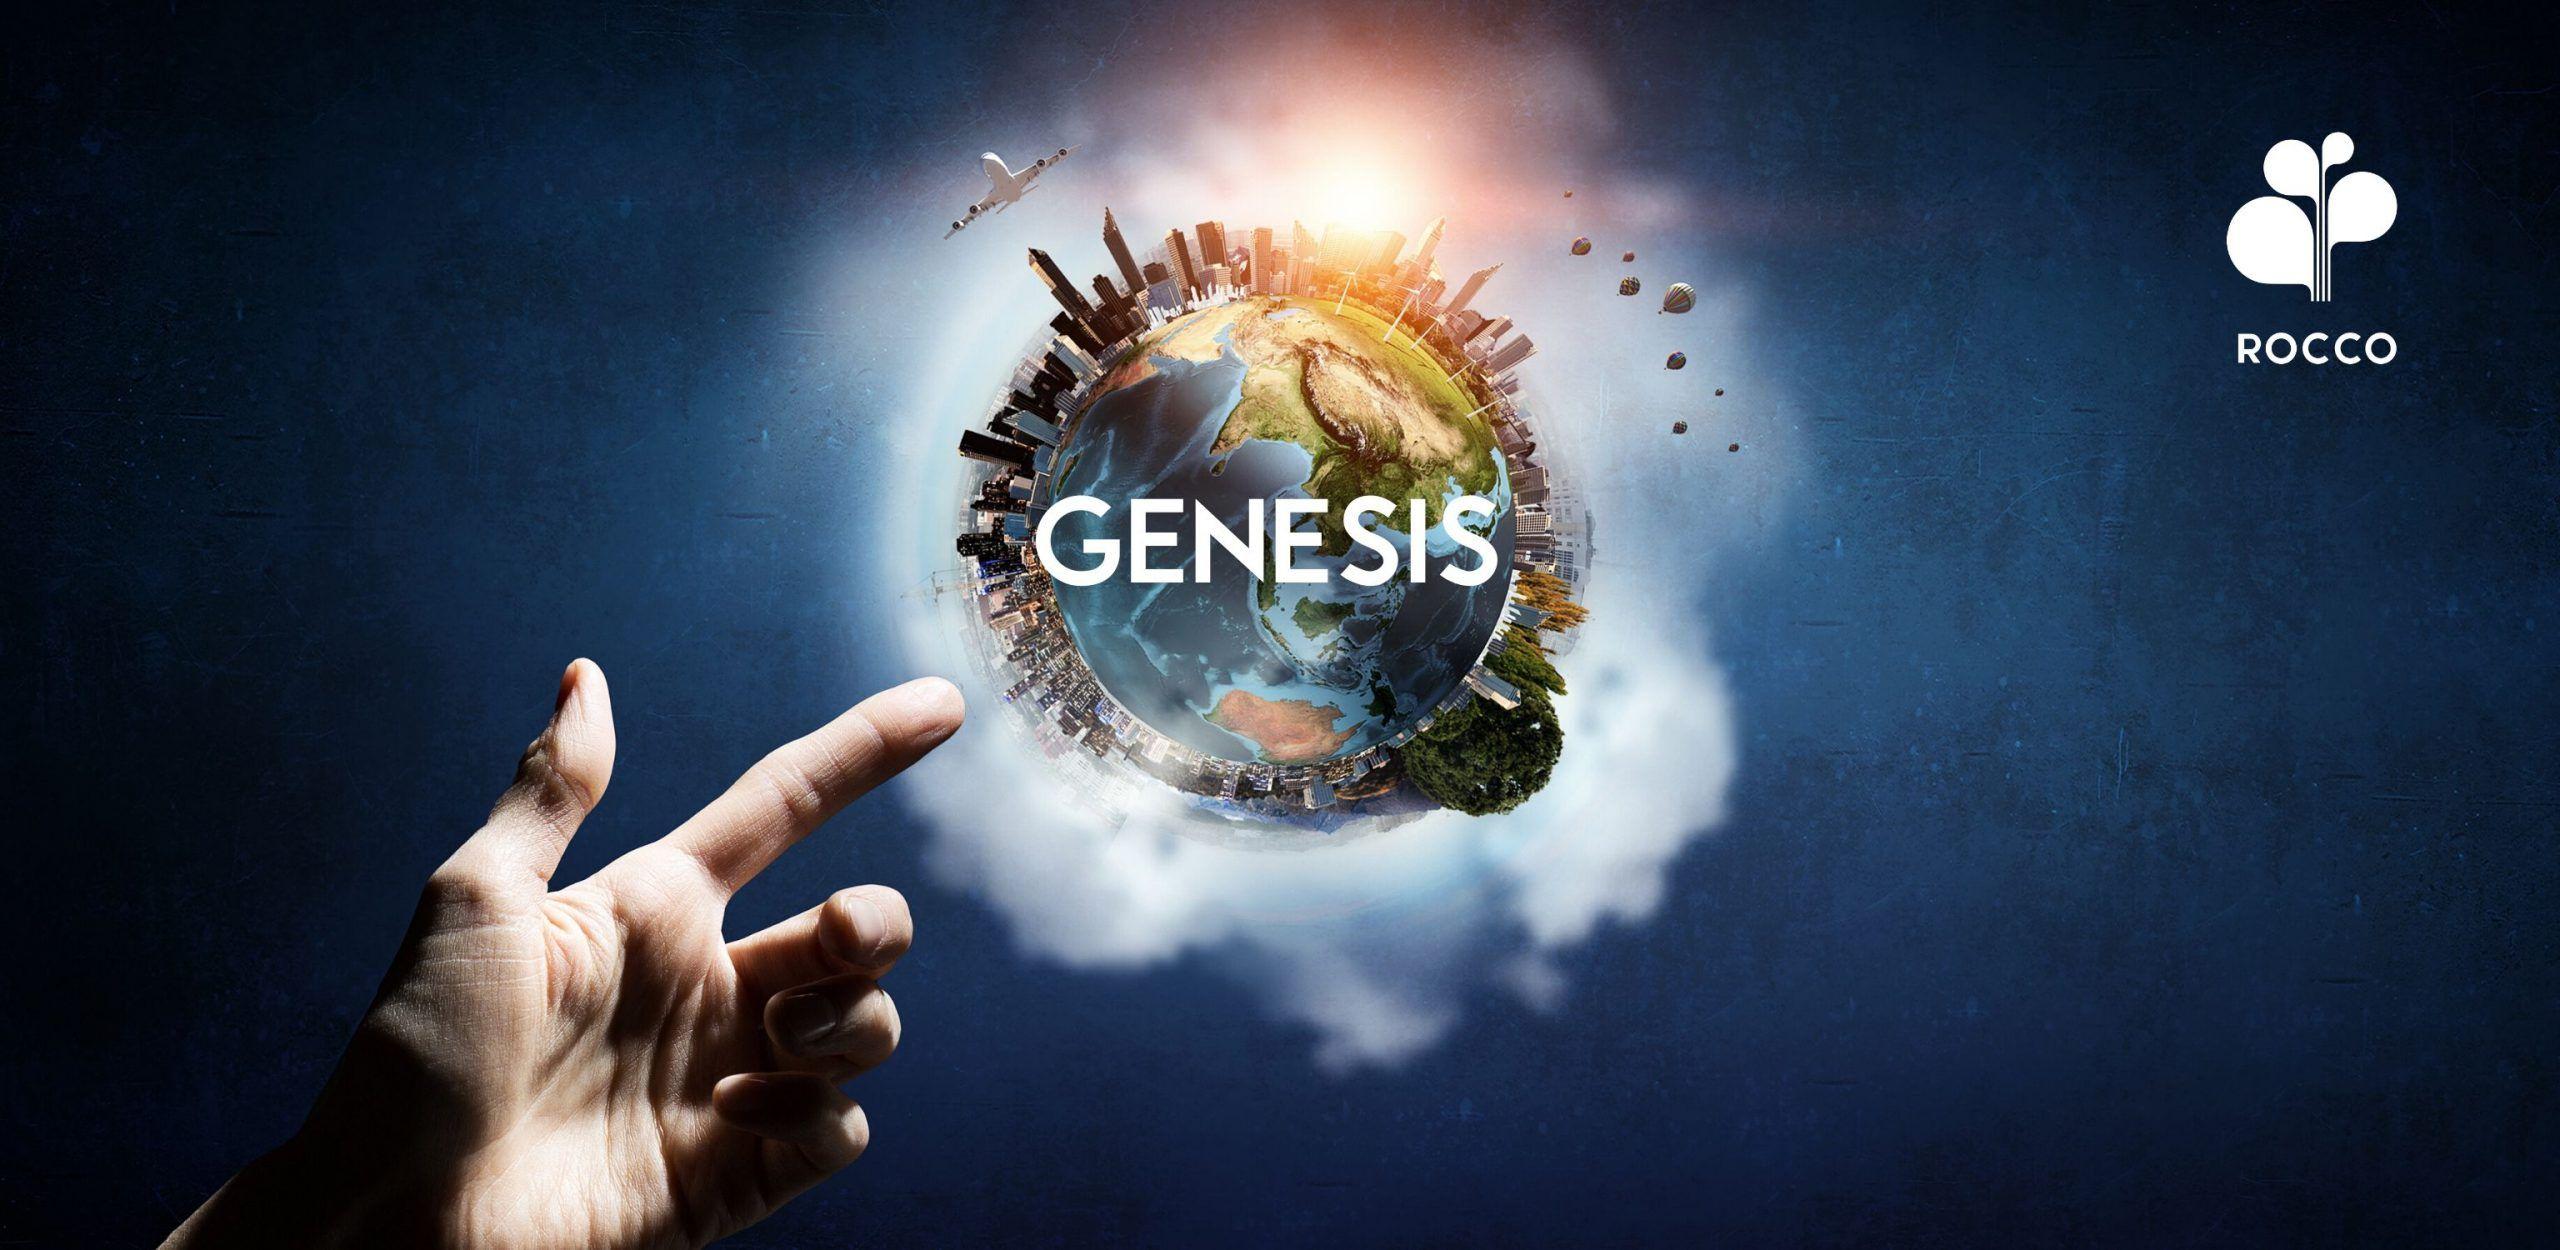 INTRODUCING ROCCO GENESIS